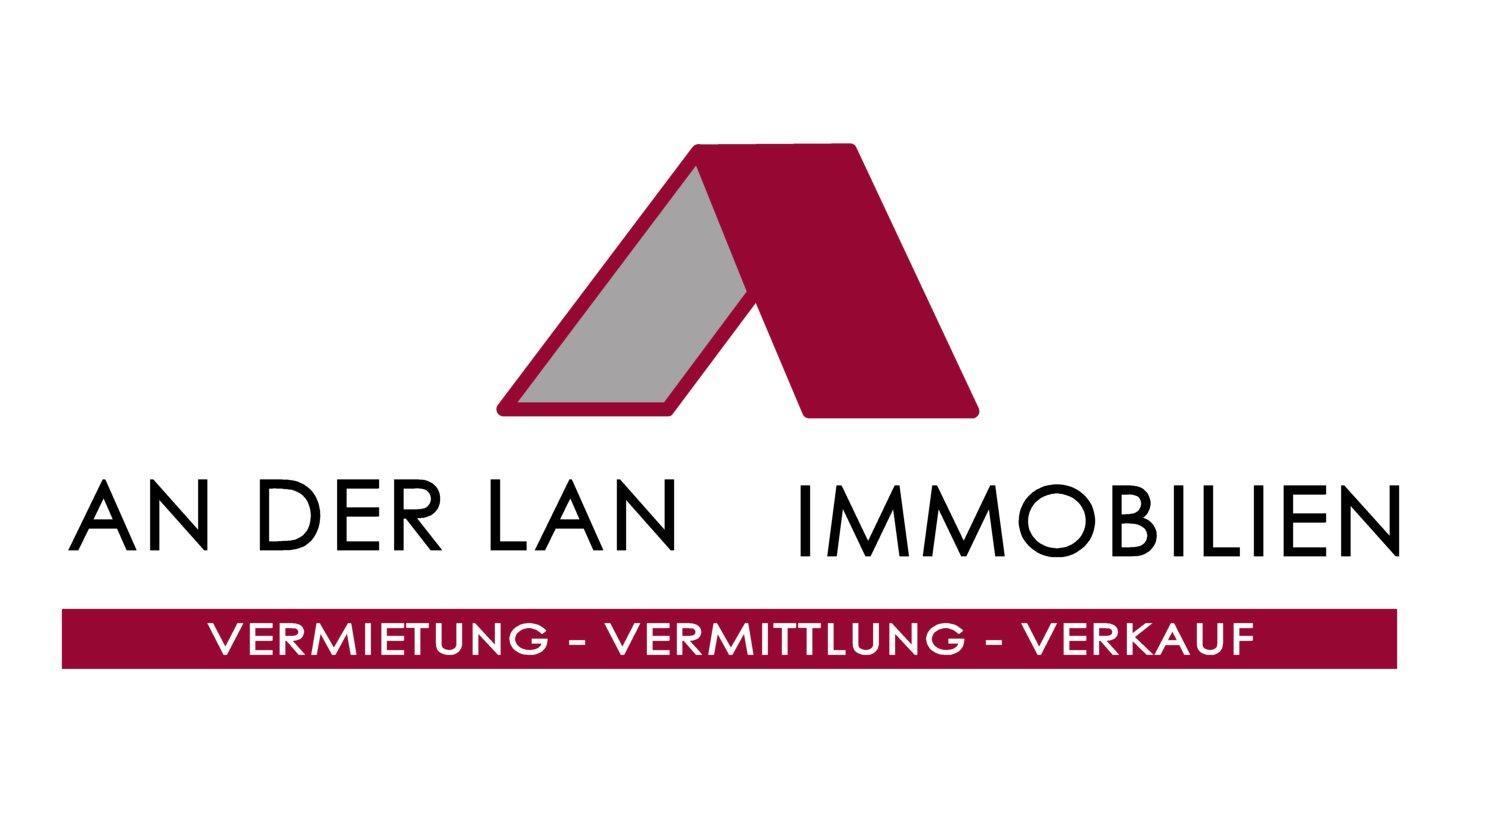 Hier sehen Sie das Logo von AN DER LAN IMMOBILIEN